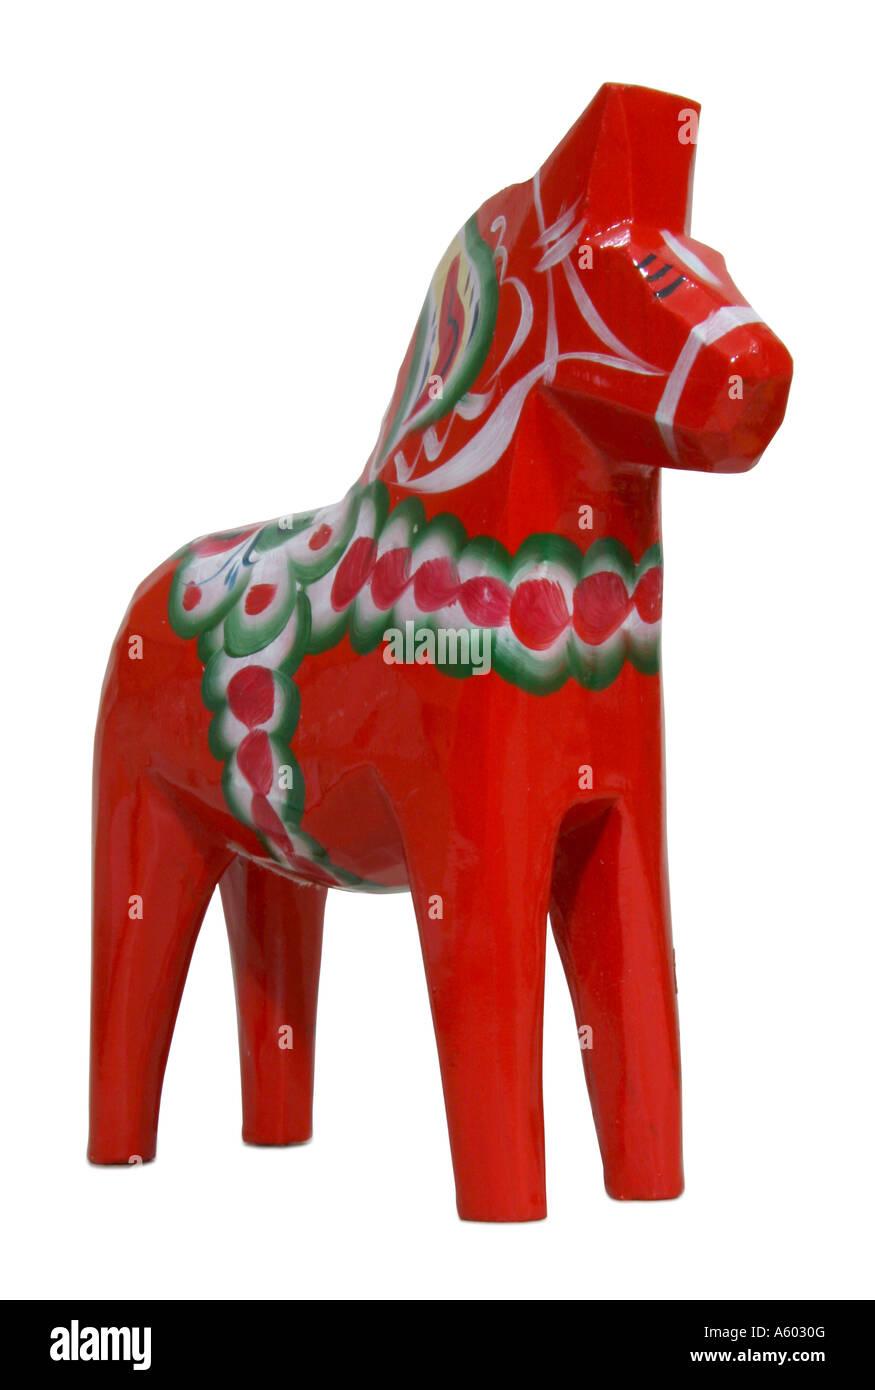 Orange Dala horse - Stock Image